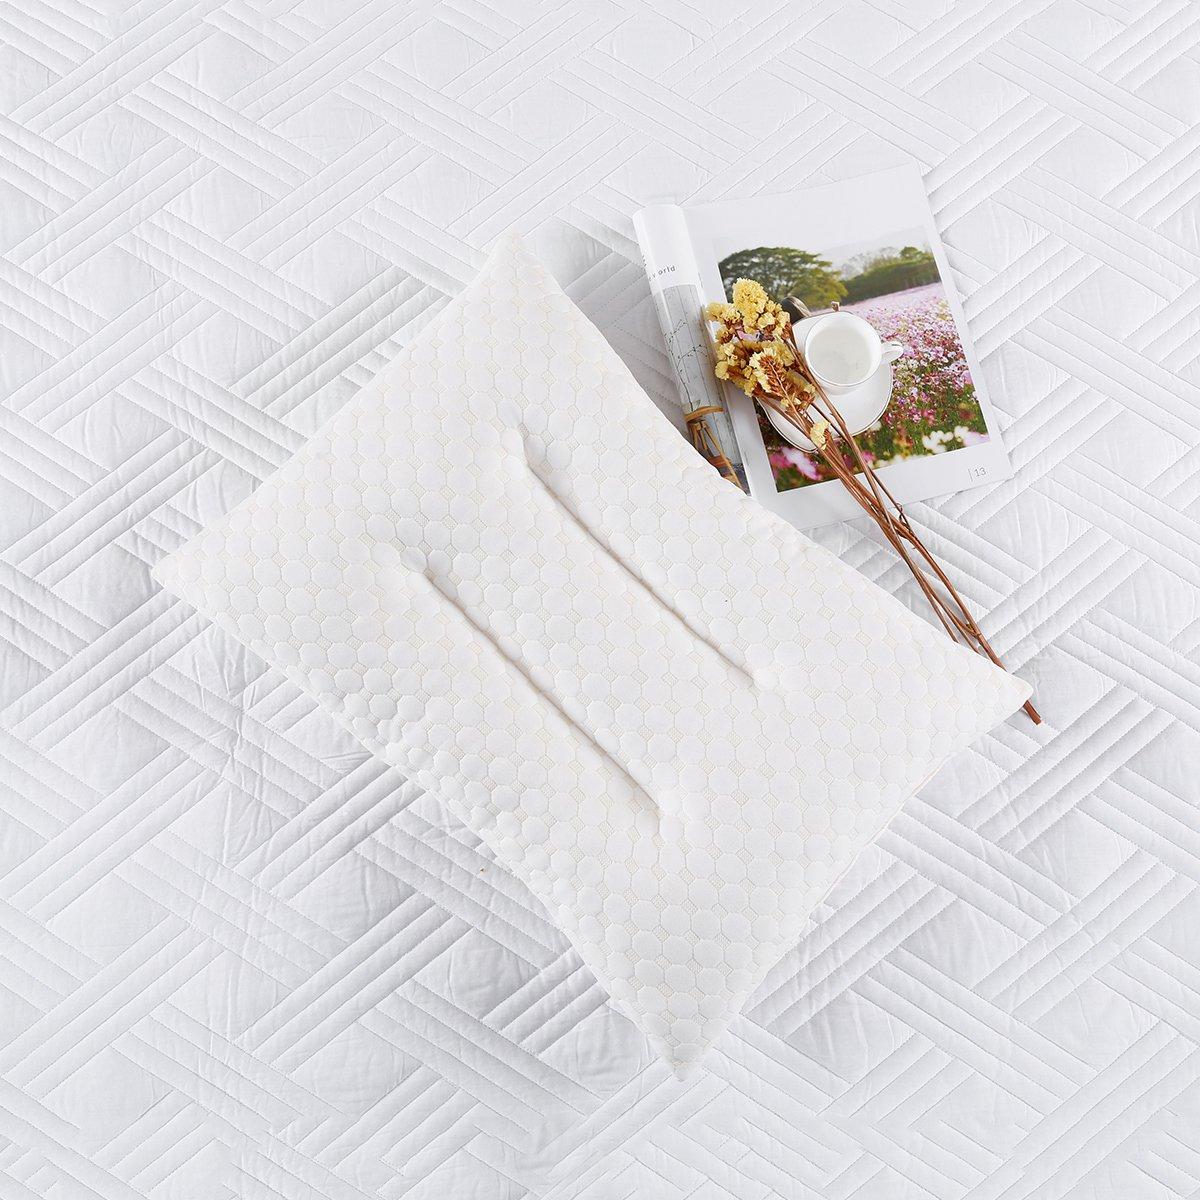 Ramada针织棉乳胶枕头护颈枕颈椎枕头芯颗粒乳胶枕头枕头枕芯COLOR白色